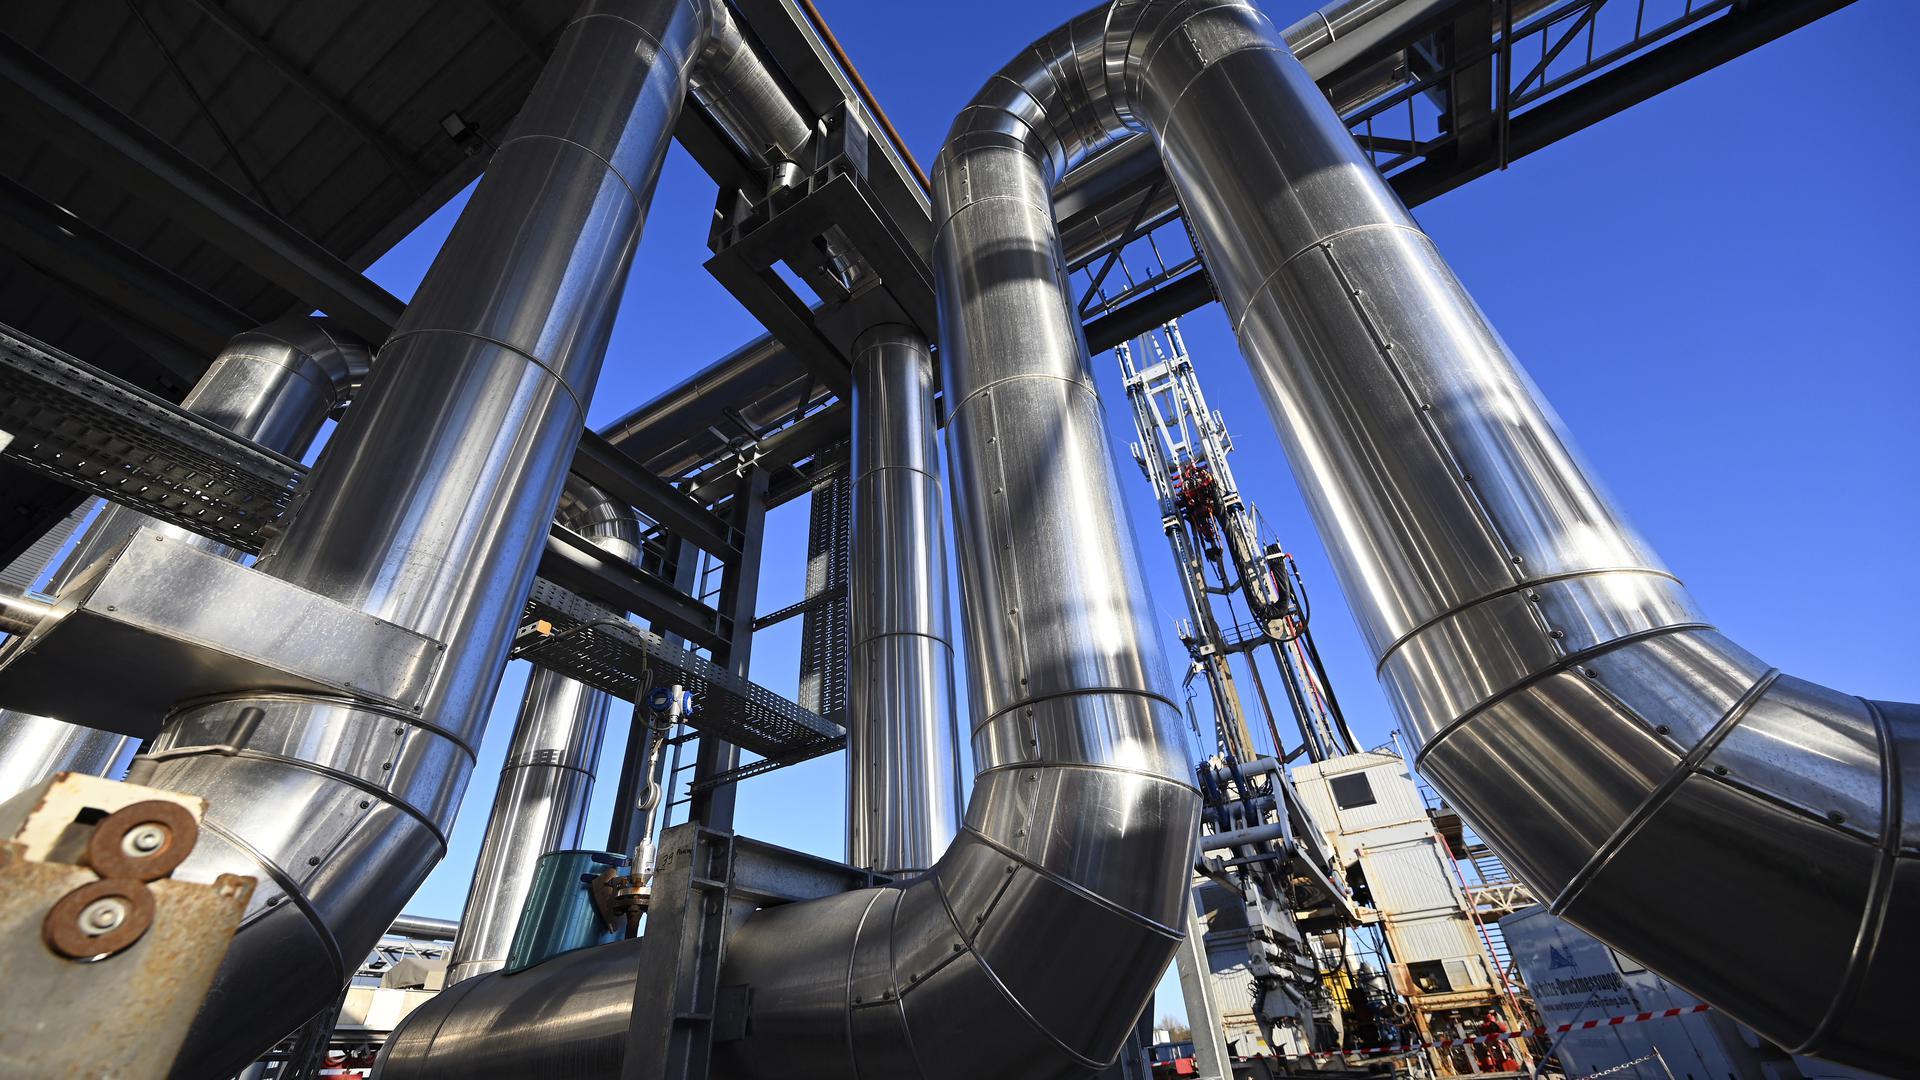 Unzufrieden: Die Ende 2020 abgeschaltete Geothermie-Anlage bei Reichstett, nördlich von Straßburg, sorgt weiterhin für Probleme. Betroffene Gemeinden reagieren zunehmend verärgert.